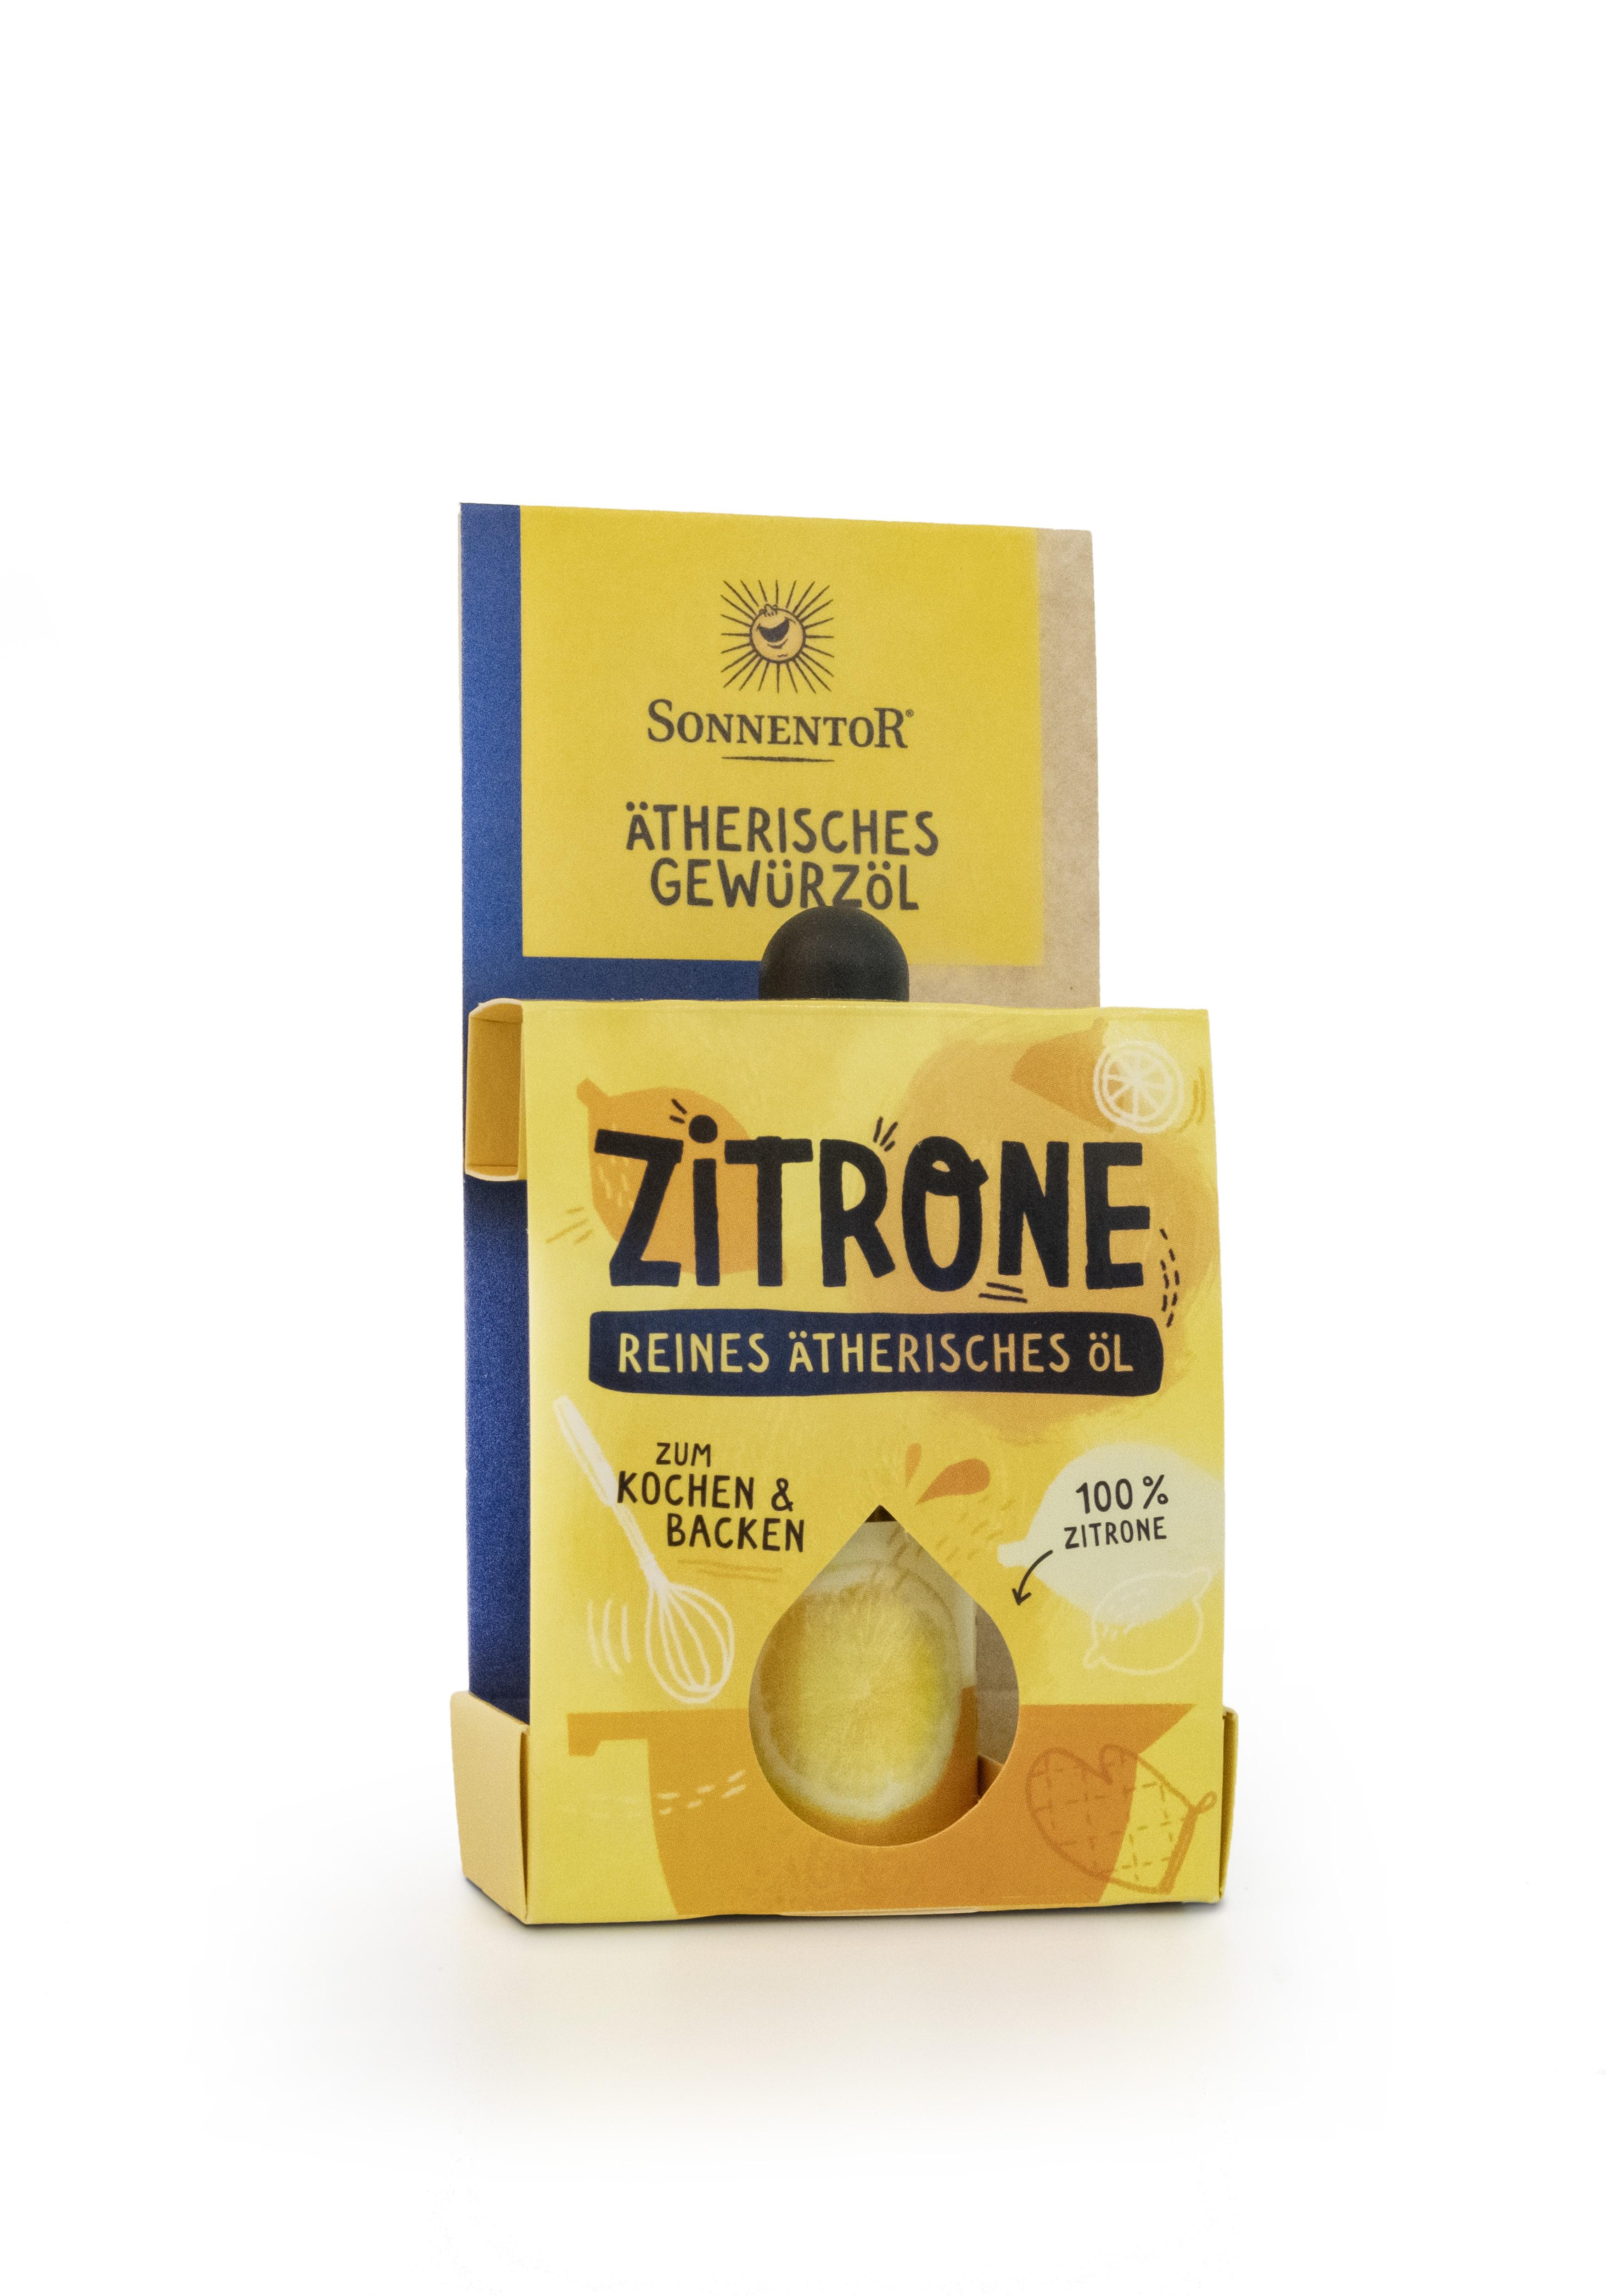 Zitrone ätherisches Gewürzöl 4,5ml bio